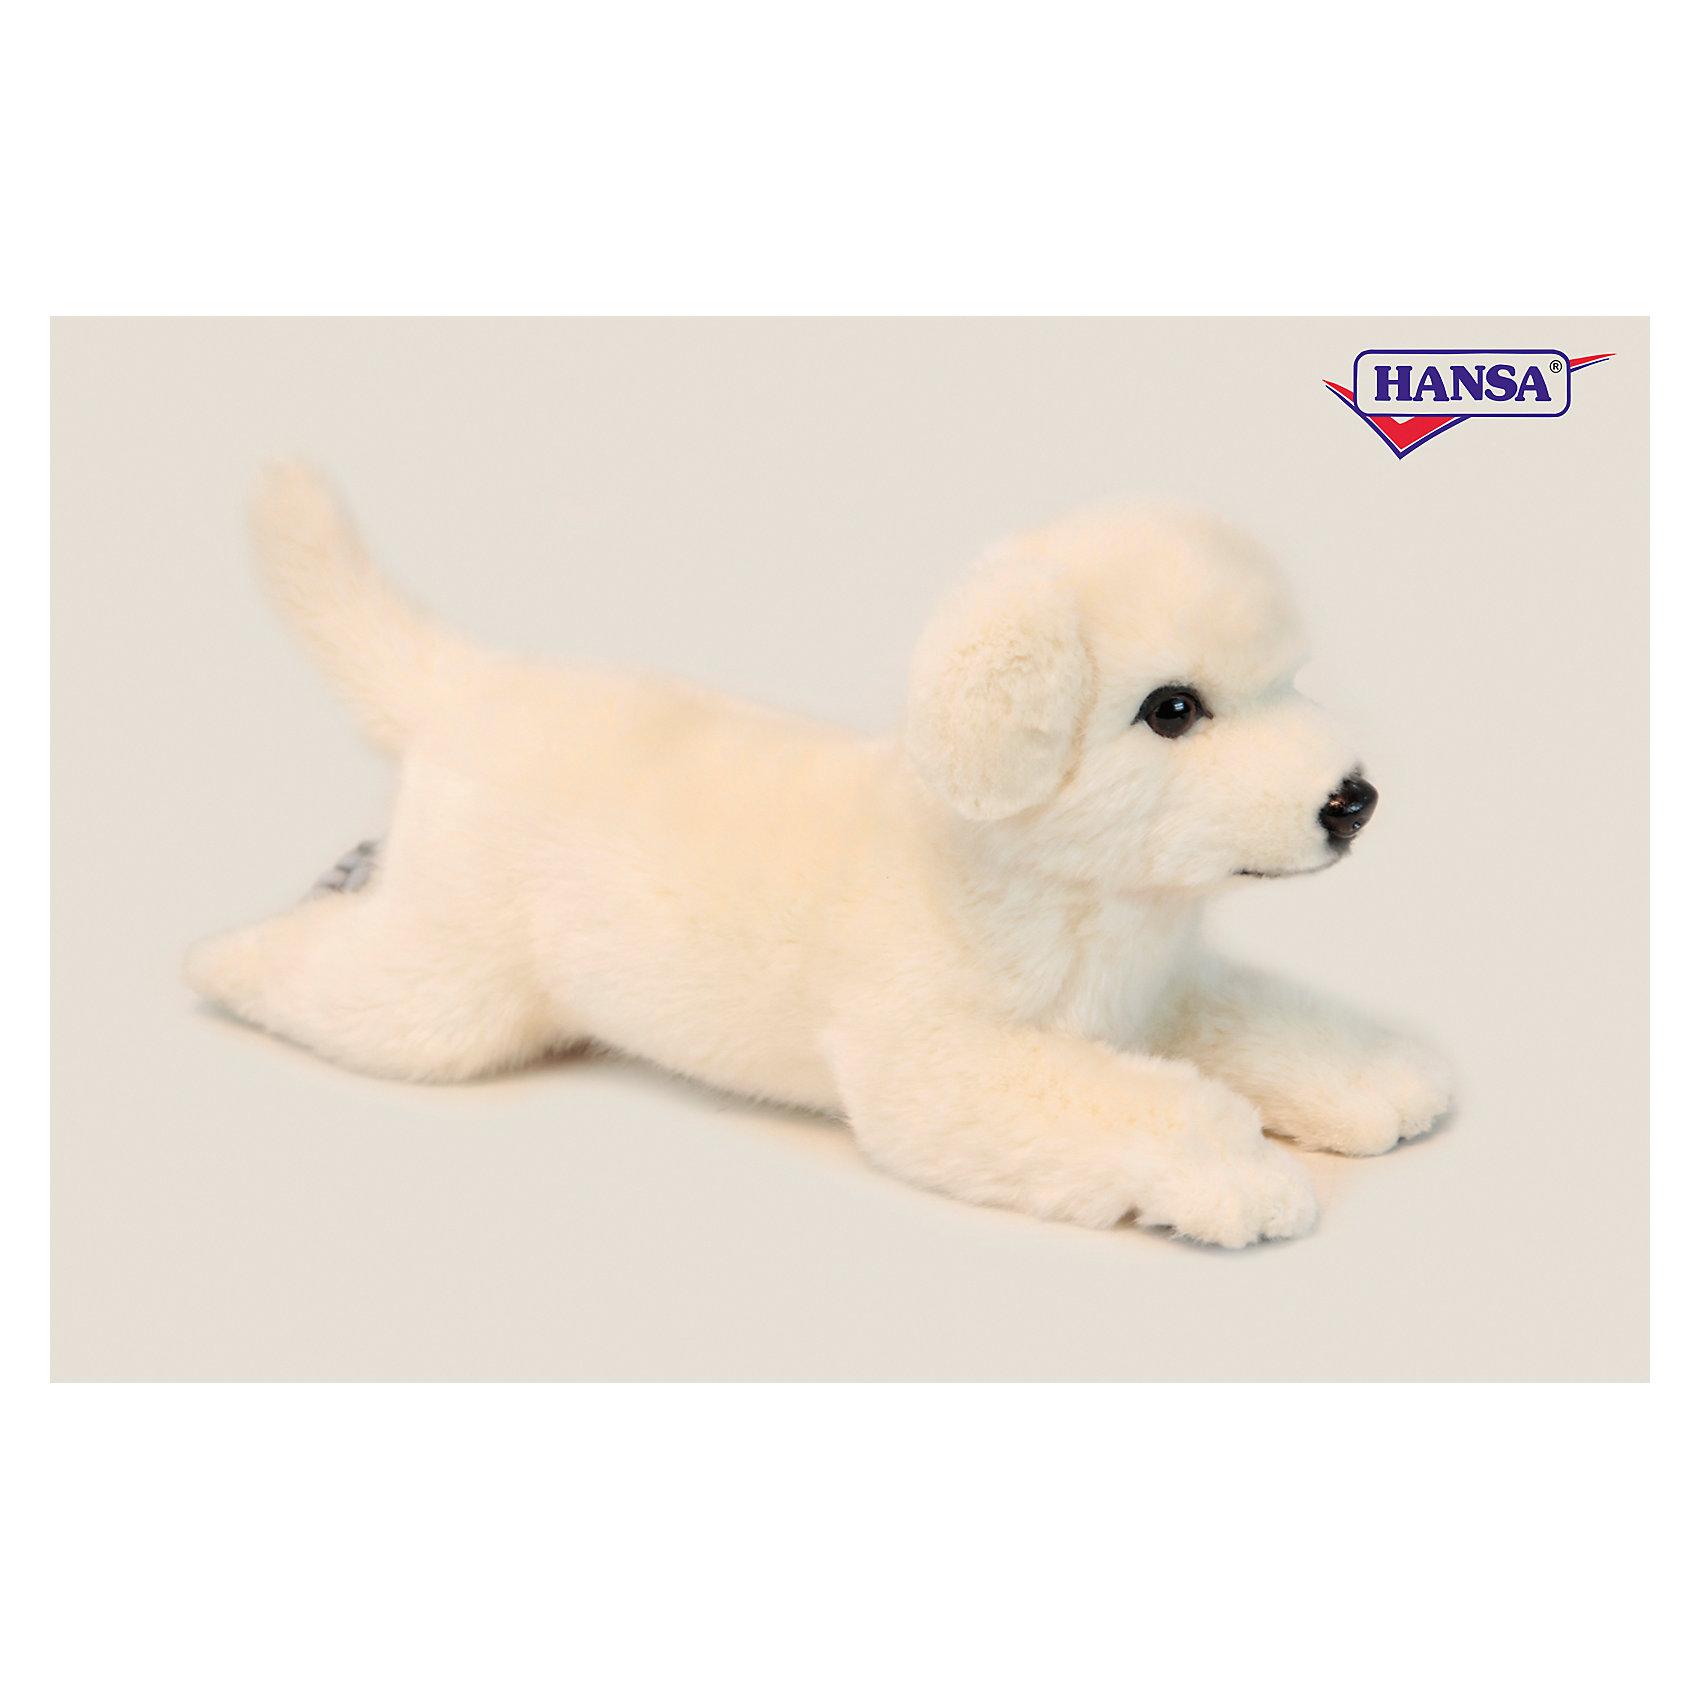 Собака Себастиан, 42 см, HansaКошки и собаки<br>Собака Себастиан, 42 см, Hansa (Ханса)<br><br>Характеристики:<br><br>• реалистичные детали<br>• прочный каркас<br>• приятная на ощупь<br>• размер игрушки: 42 см<br>• материал: искусственный мех, наполнитель, текстиль, пластик<br>• вес: 210 грамм<br><br>Себастиан - очаровательная собачка от Hansa. Ее шерстка очень мягкая и приятная на ощупь, поэтому играть с ней будет очень интересно. Прочный каркас придает игрушке устойчивость и долговечность. Тщательно продуманные детали придают игре еще больше реалистичности. Блестящие глазки и милая поза Себастиана никого не оставят равнодушным! <br><br>Собаку Себастиан, 42 см, Hansa (Ханса) вы можете купить в нашем интернет-магазине.<br><br>Ширина мм: 420<br>Глубина мм: 160<br>Высота мм: 190<br>Вес г: 210<br>Возраст от месяцев: 36<br>Возраст до месяцев: 2147483647<br>Пол: Унисекс<br>Возраст: Детский<br>SKU: 5503301